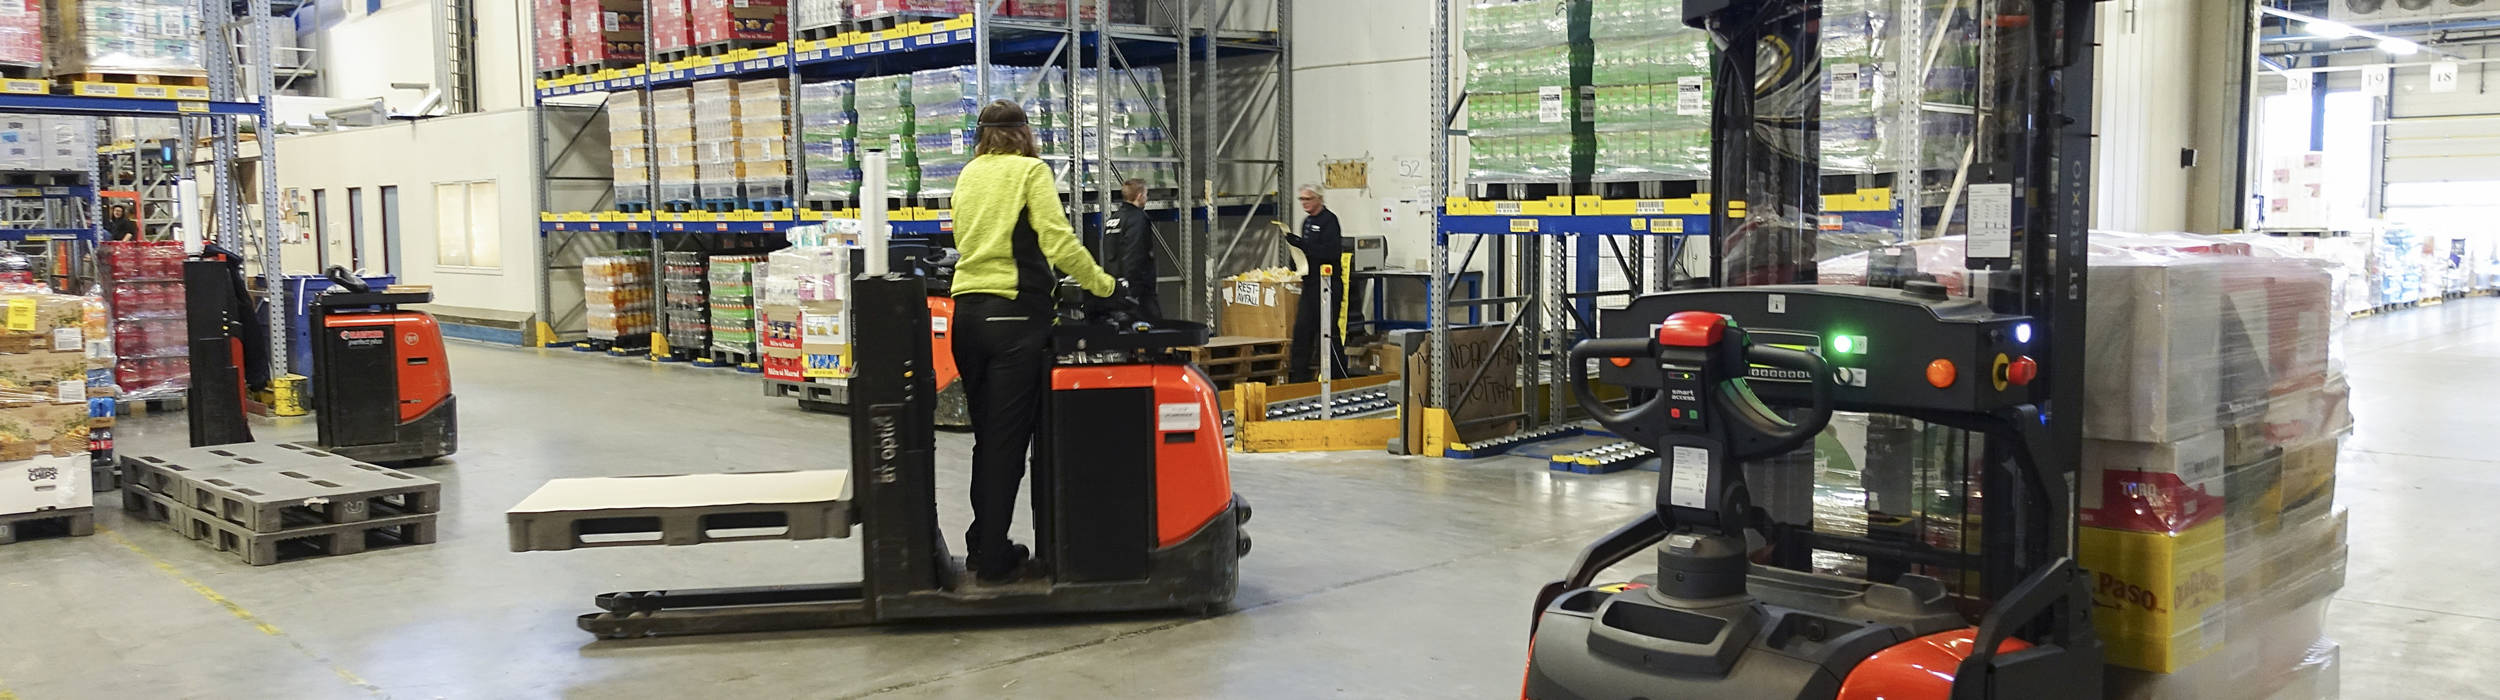 Zautomatyzowane stackery bezpiecznie współpracują z wózkiem widłowym